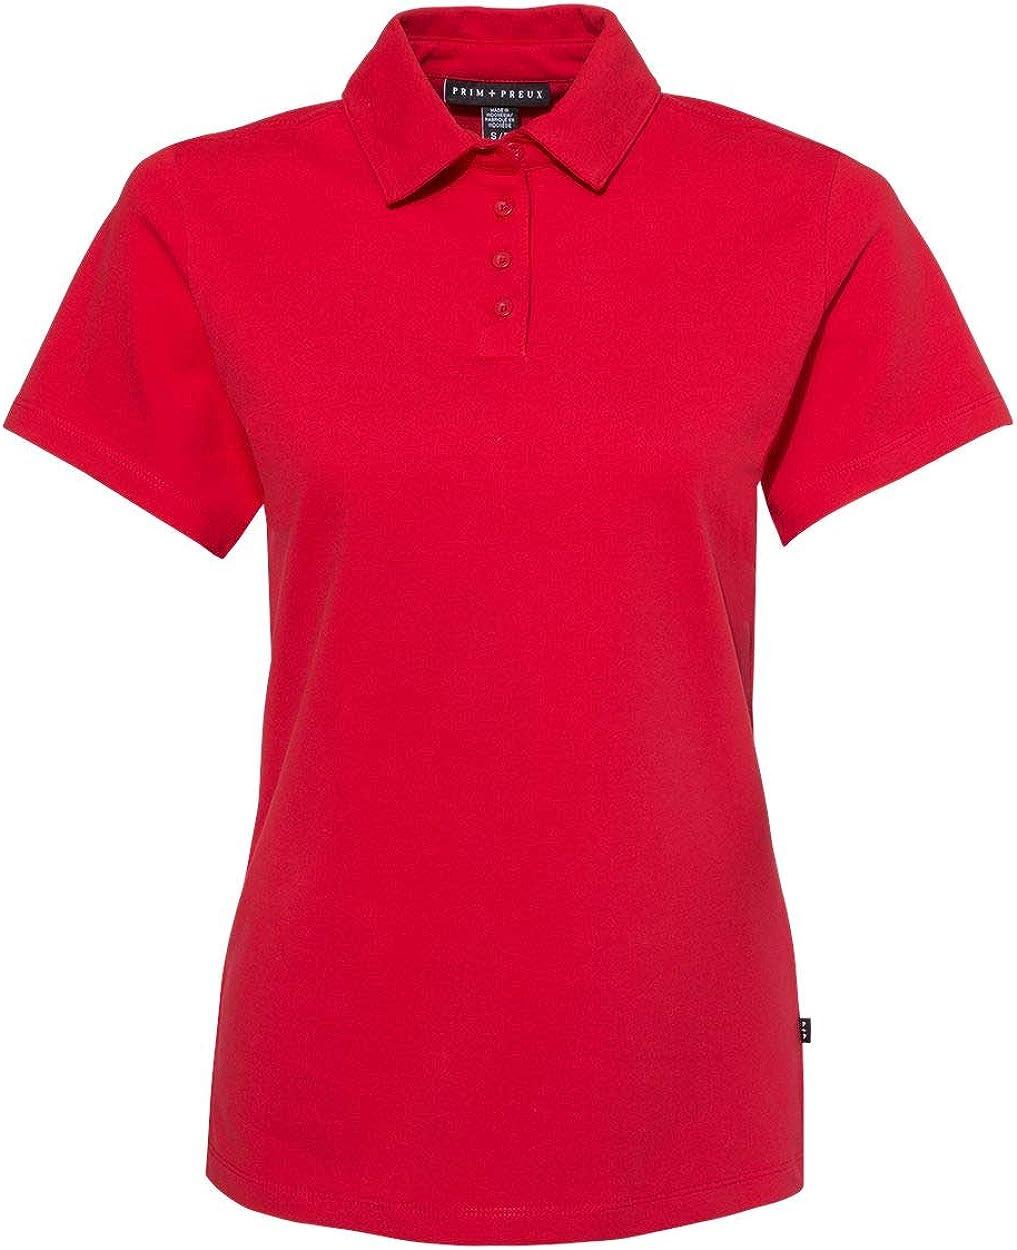 Prim + Preux - Women's Easy Fit Sport Shirt - 1991L